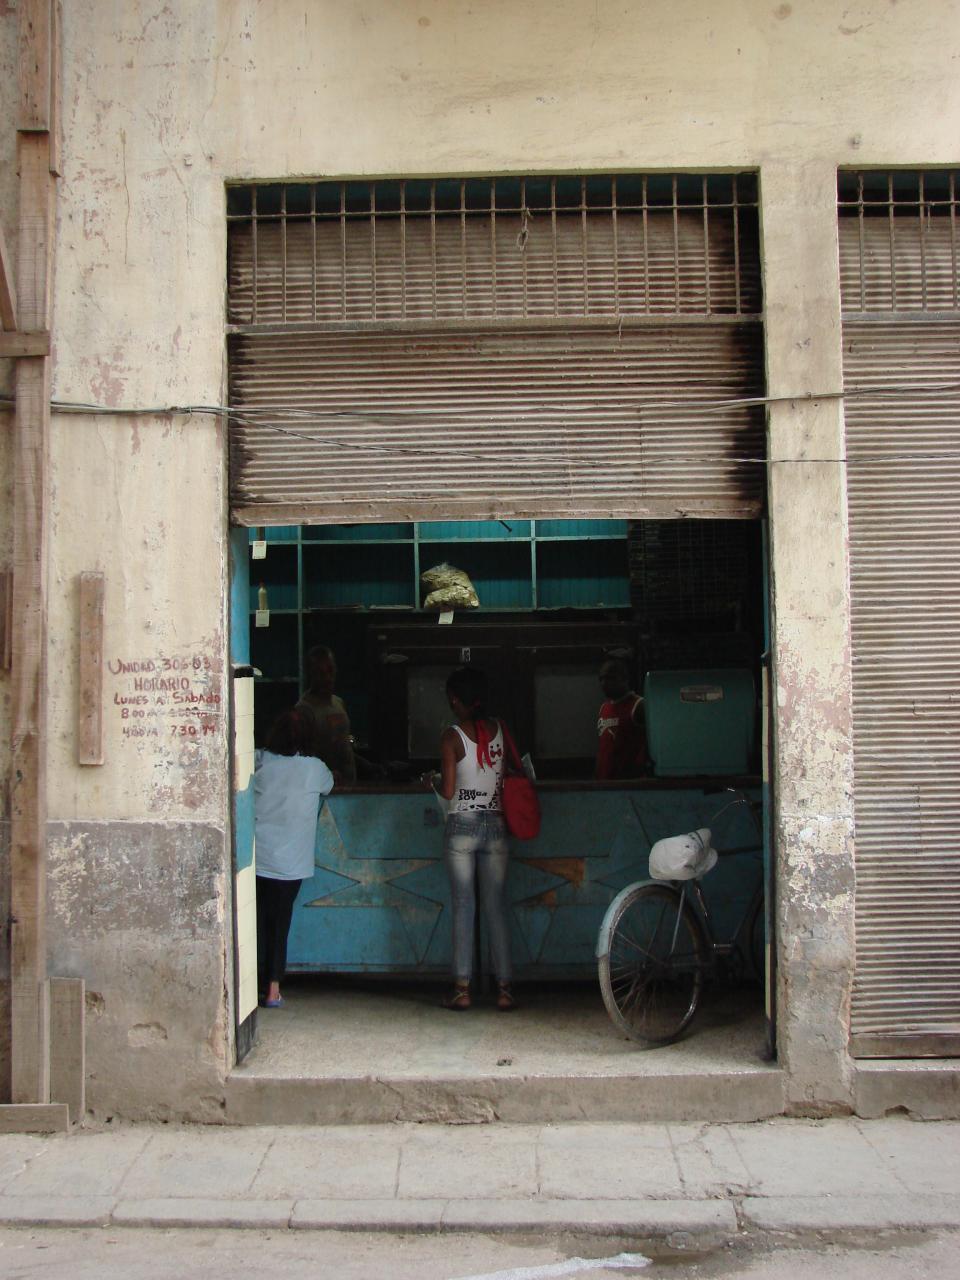 Cuba: fotos del acontecer diario - Página 6 3292951938_0e0d368299_o